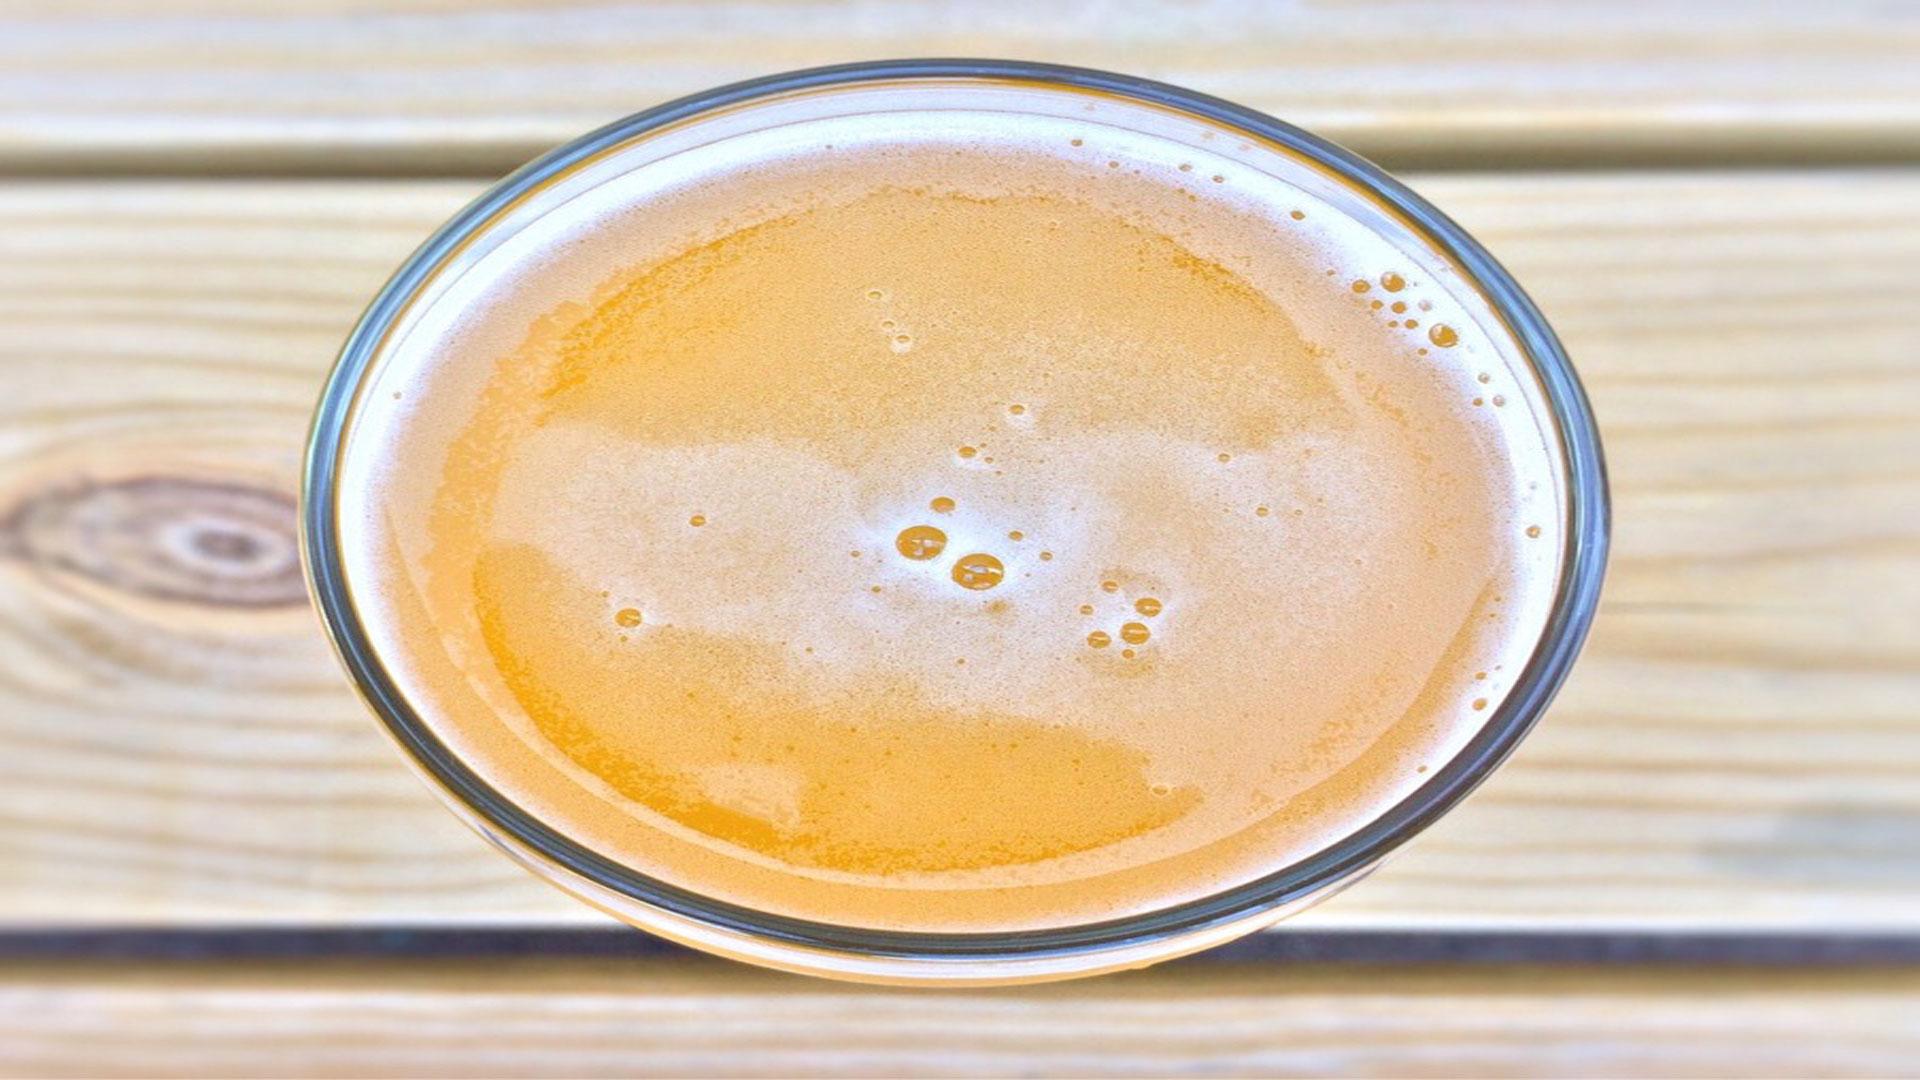 La-cerveza-y-la-sidra,-las-bebidas-alcohólicas-con-menos-calorías-1920